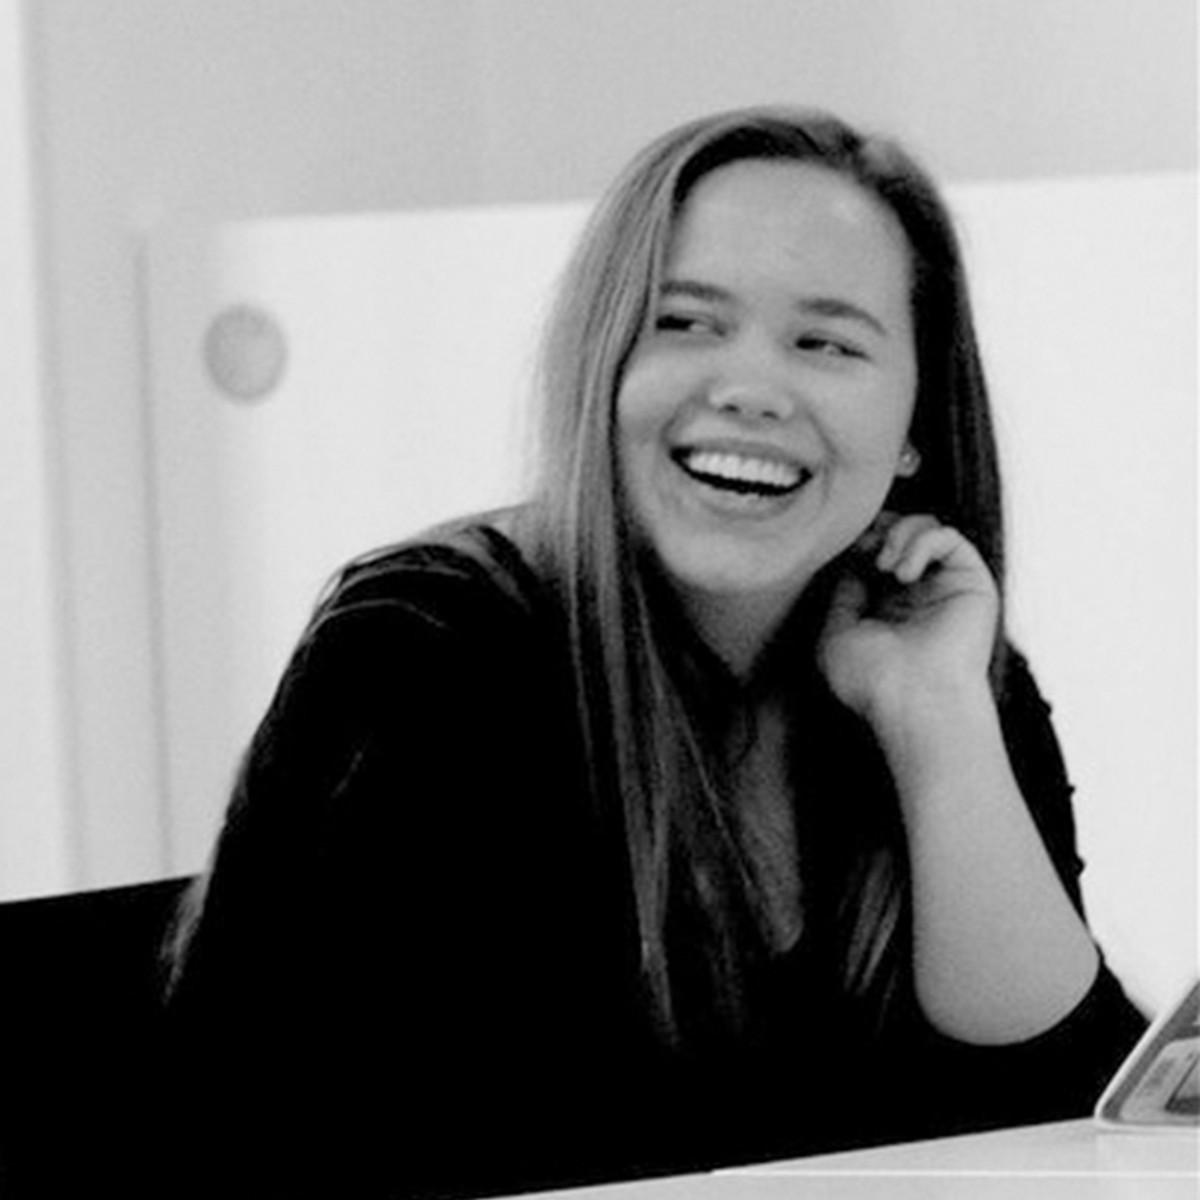 Sophie van Waardenberg